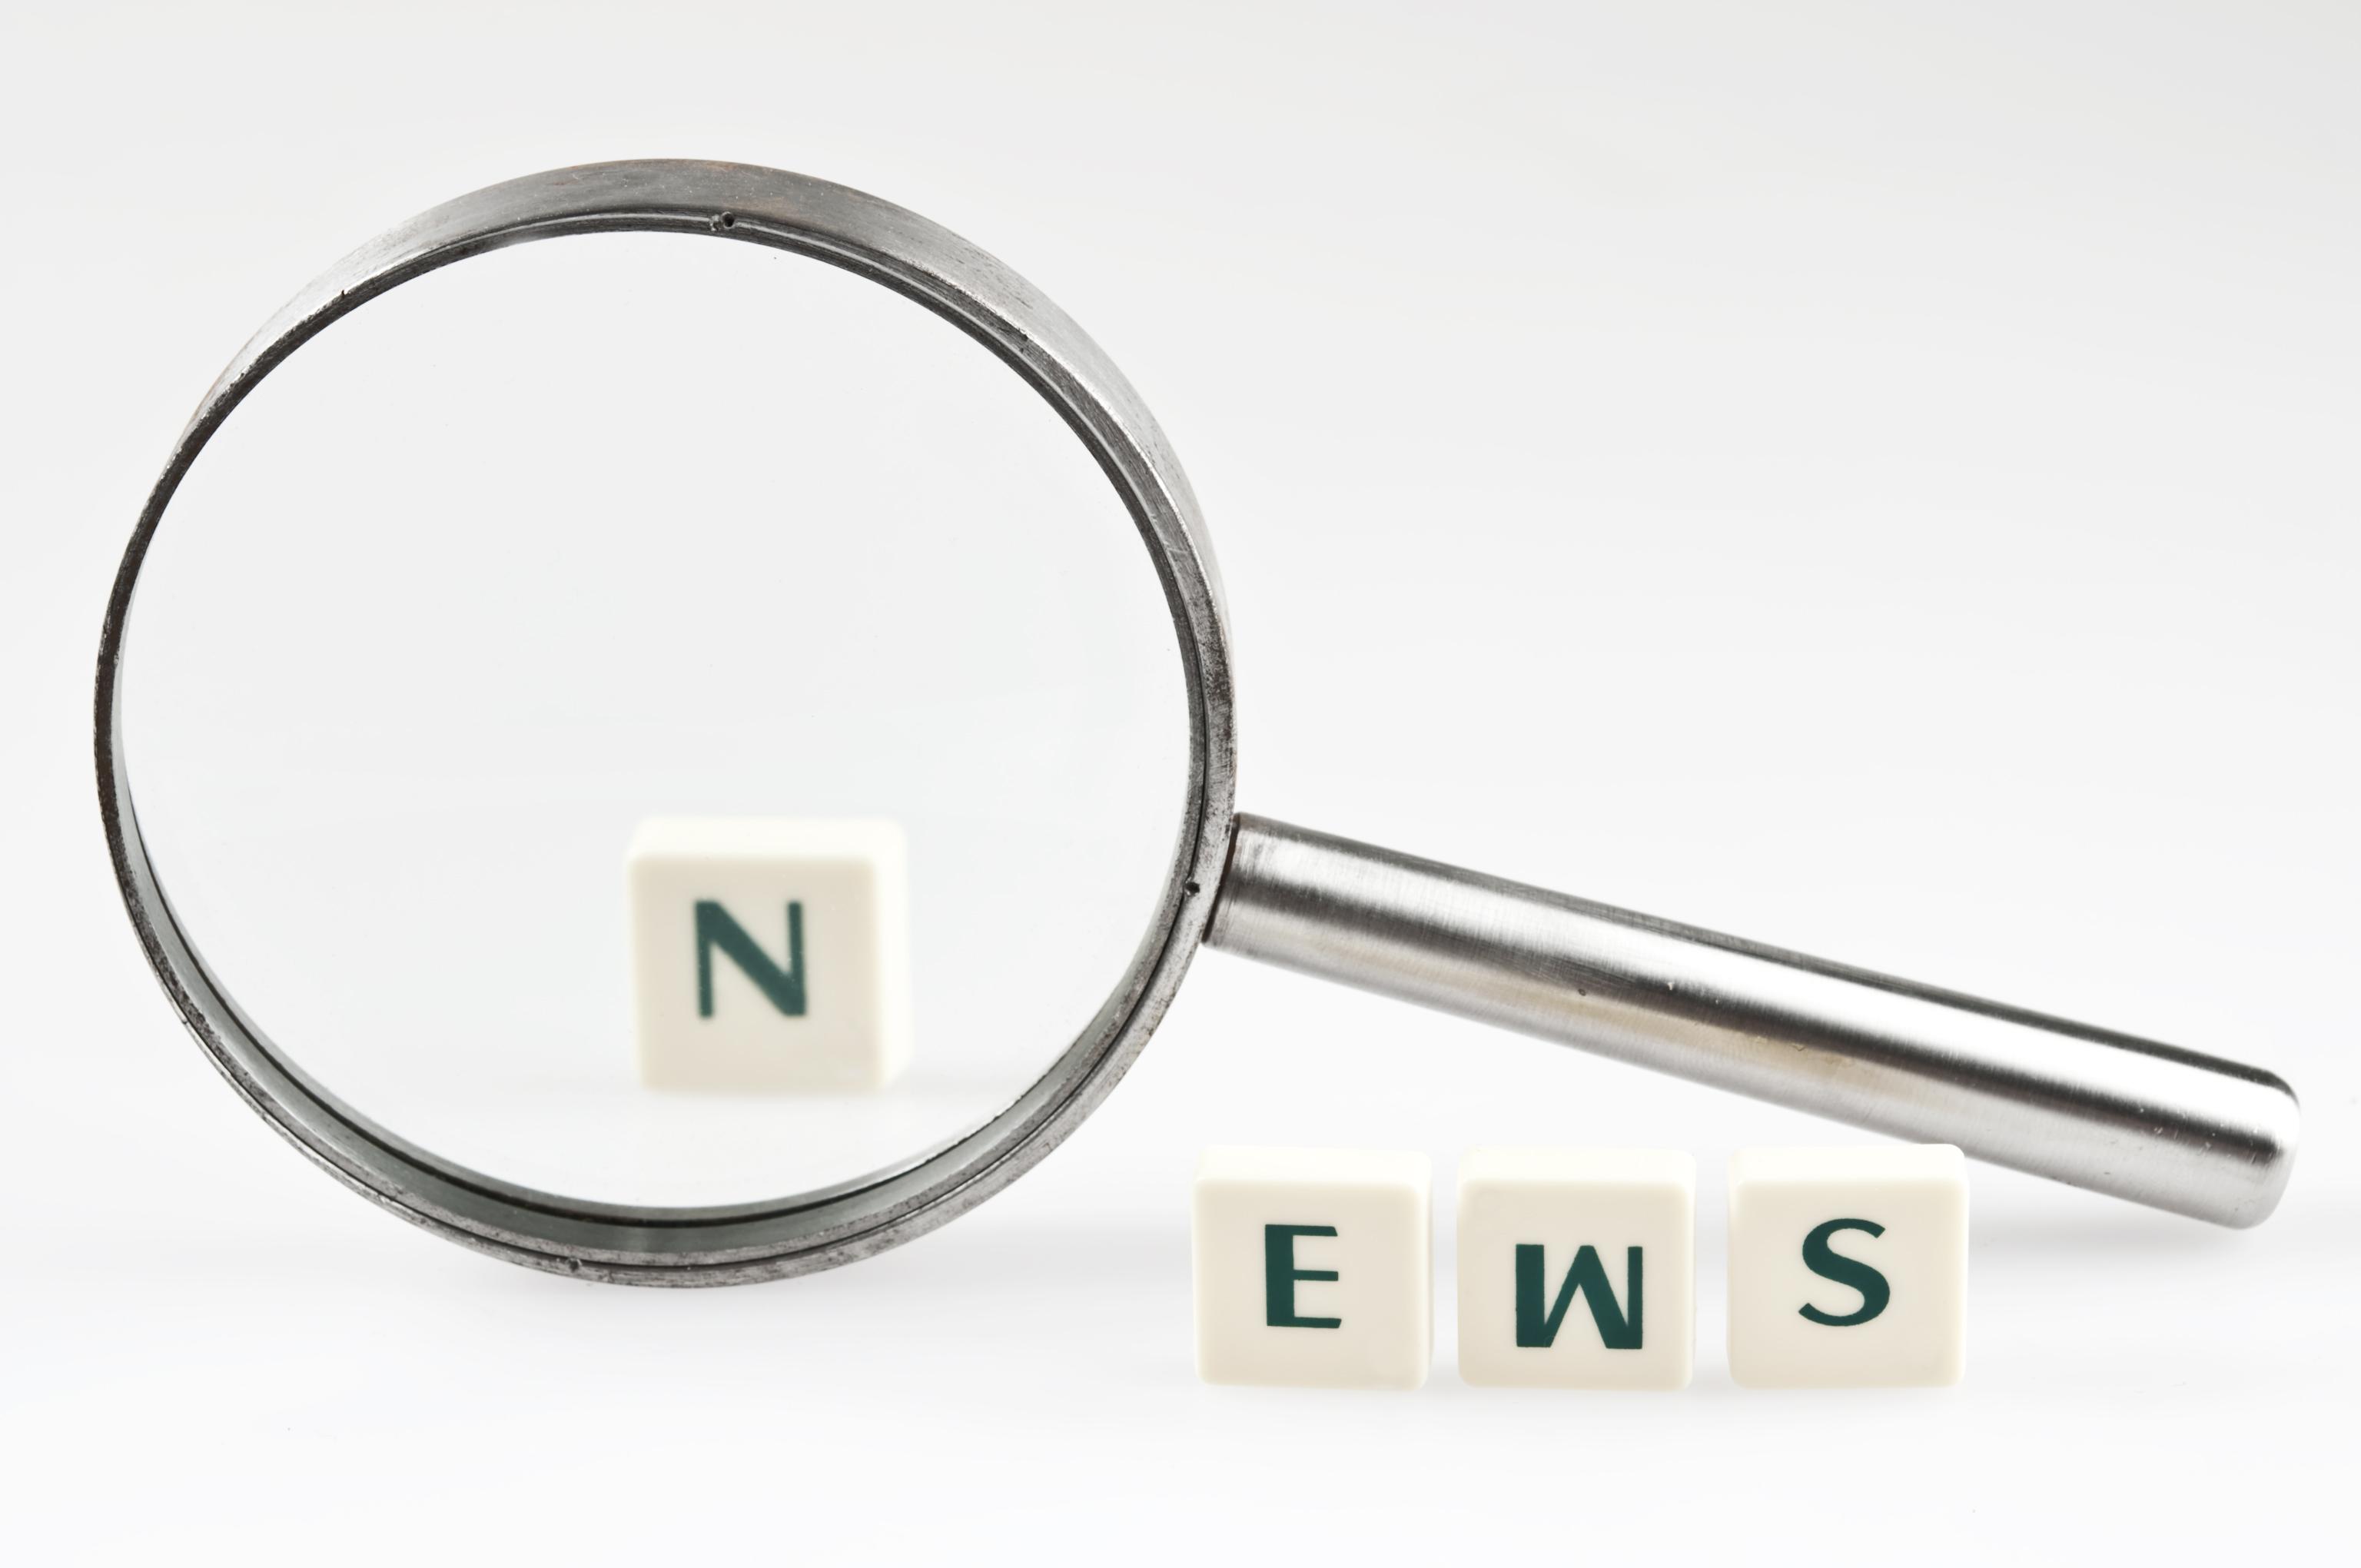 Ordet news bildas av tärningar